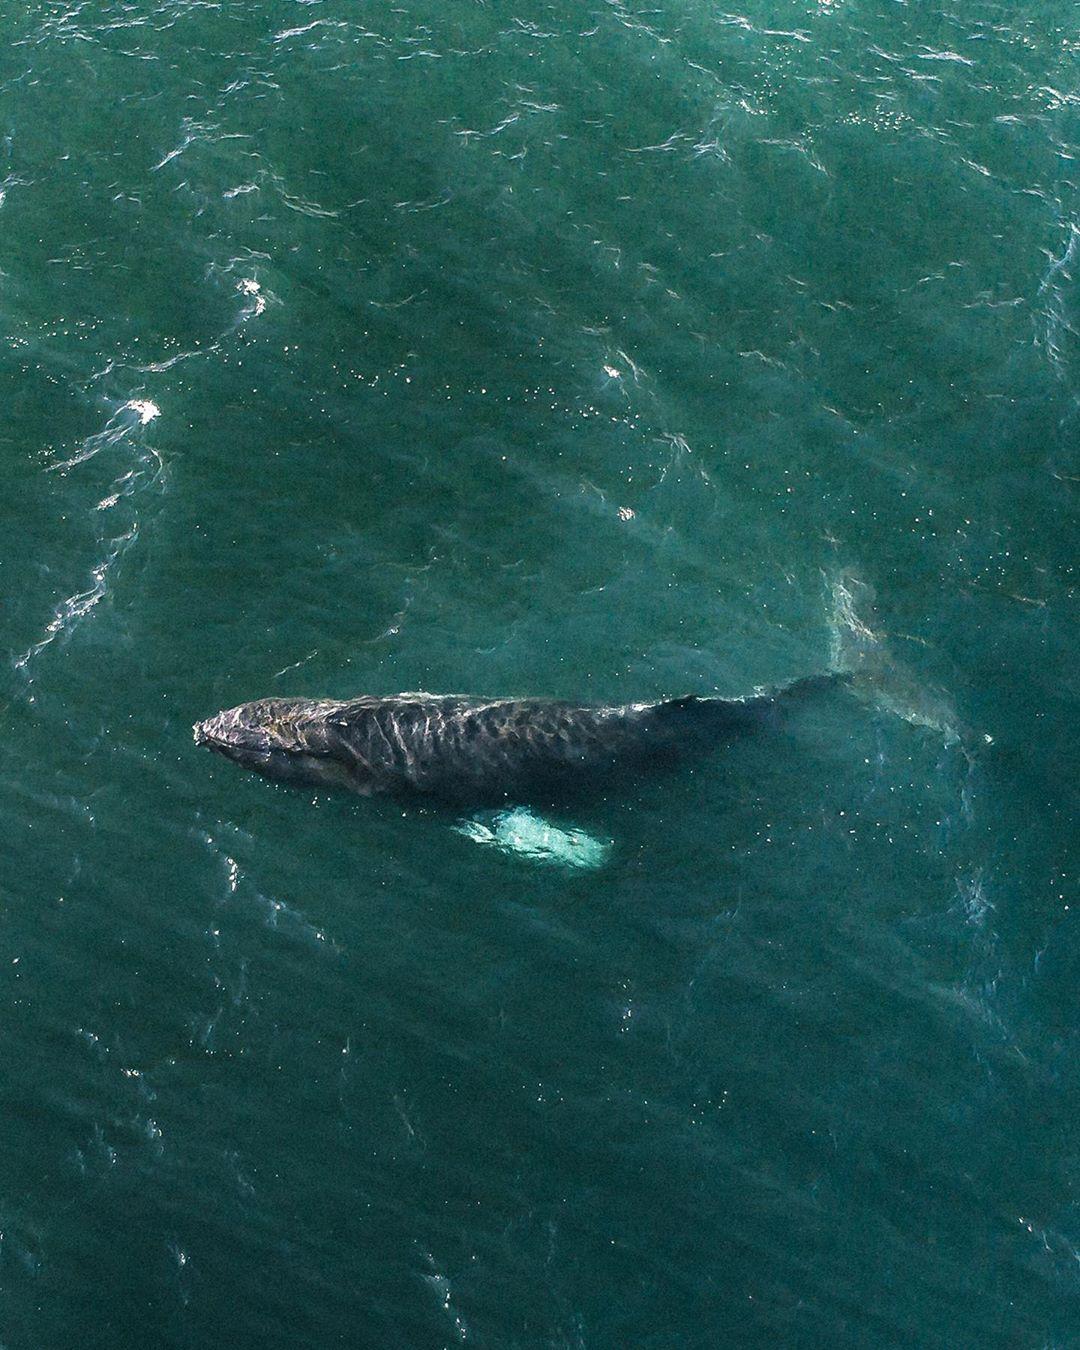 Avistamento de baleia (Foto: Reprodução @icelandic_exploreer)